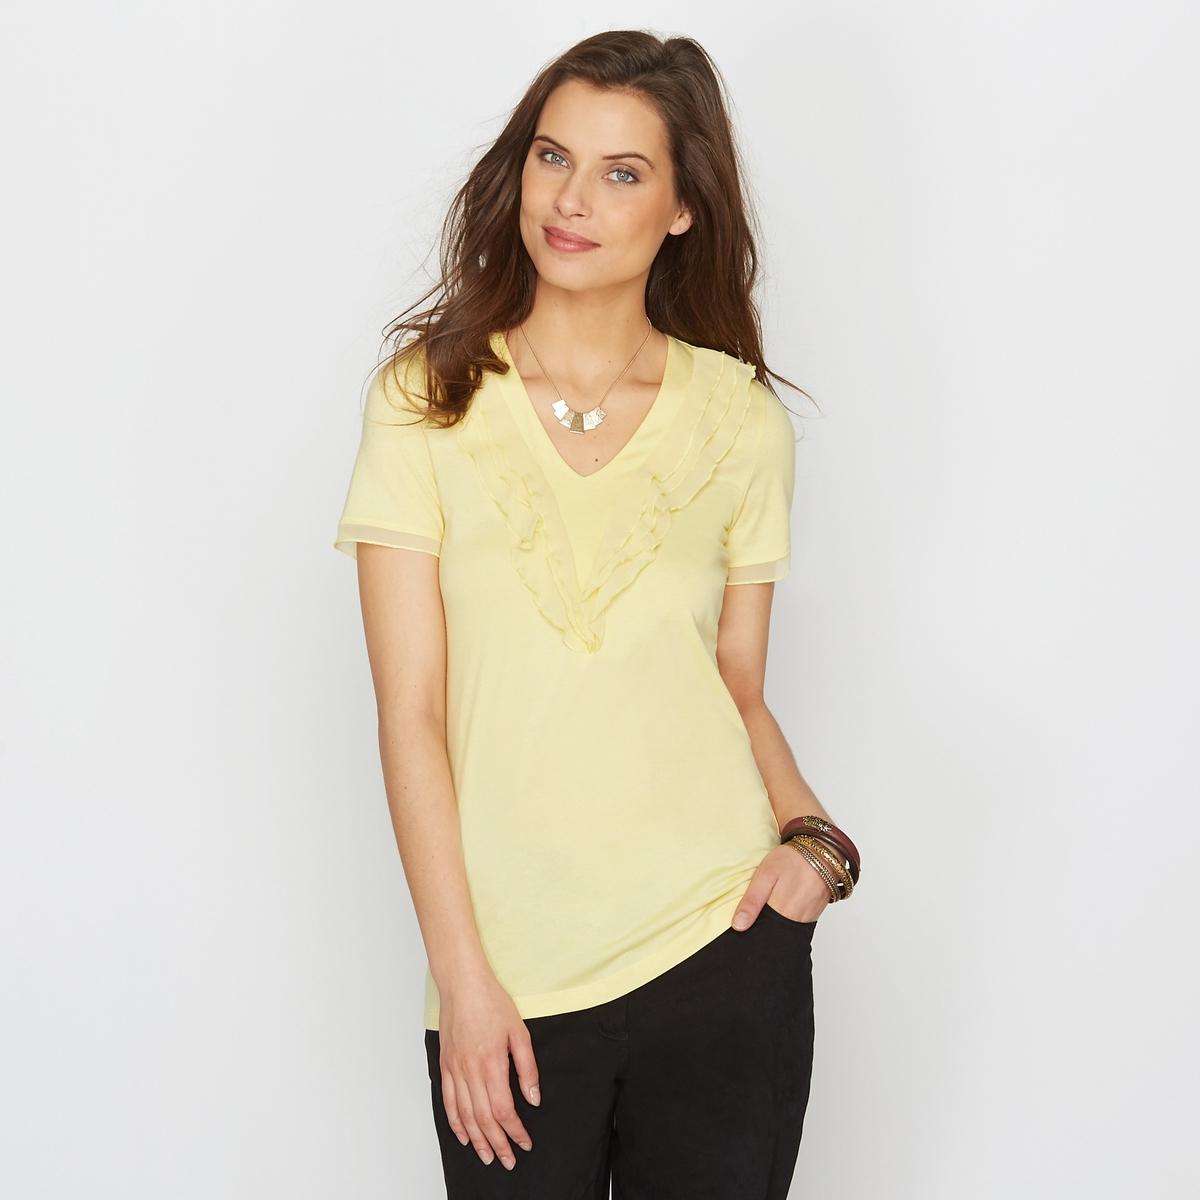 Топ из хлопка и модалаКачественный джерси трикотаж, 50% хлопка, 50% модала. Сочетание натурального хлопка и модала подарит вам невероятный комфорт.<br><br>Цвет: желтый,розовый<br>Размер: 46/48 (FR) - 52/54 (RUS).42/44 (FR) - 48/50 (RUS)